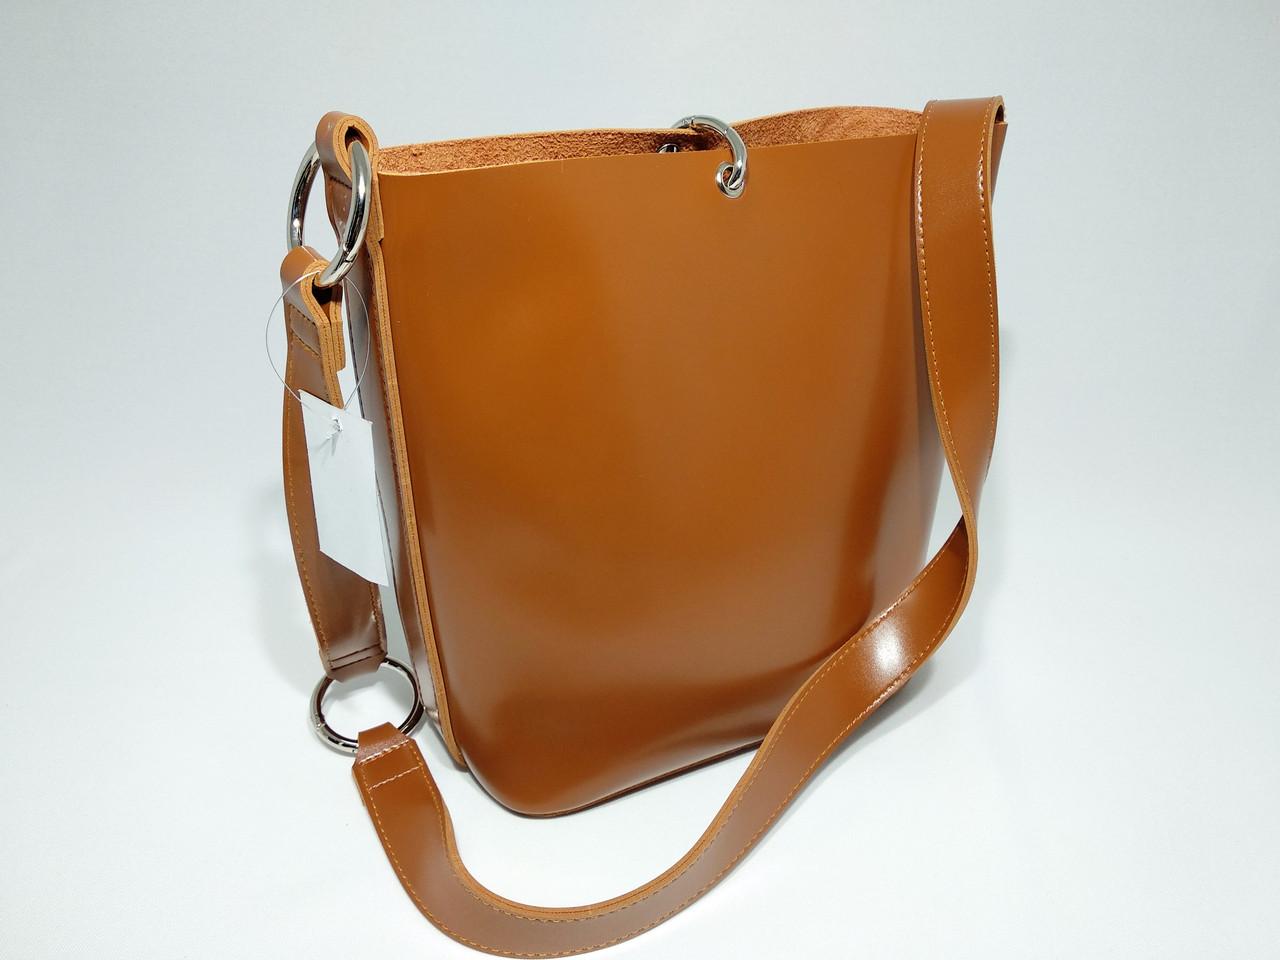 120ffd70bf1c Женская вместительная сумка мешок на плече новинка, гладкая на ощупь  коричневая , цена 501 грн., купить в Умани — Prom.ua (ID#696340986)